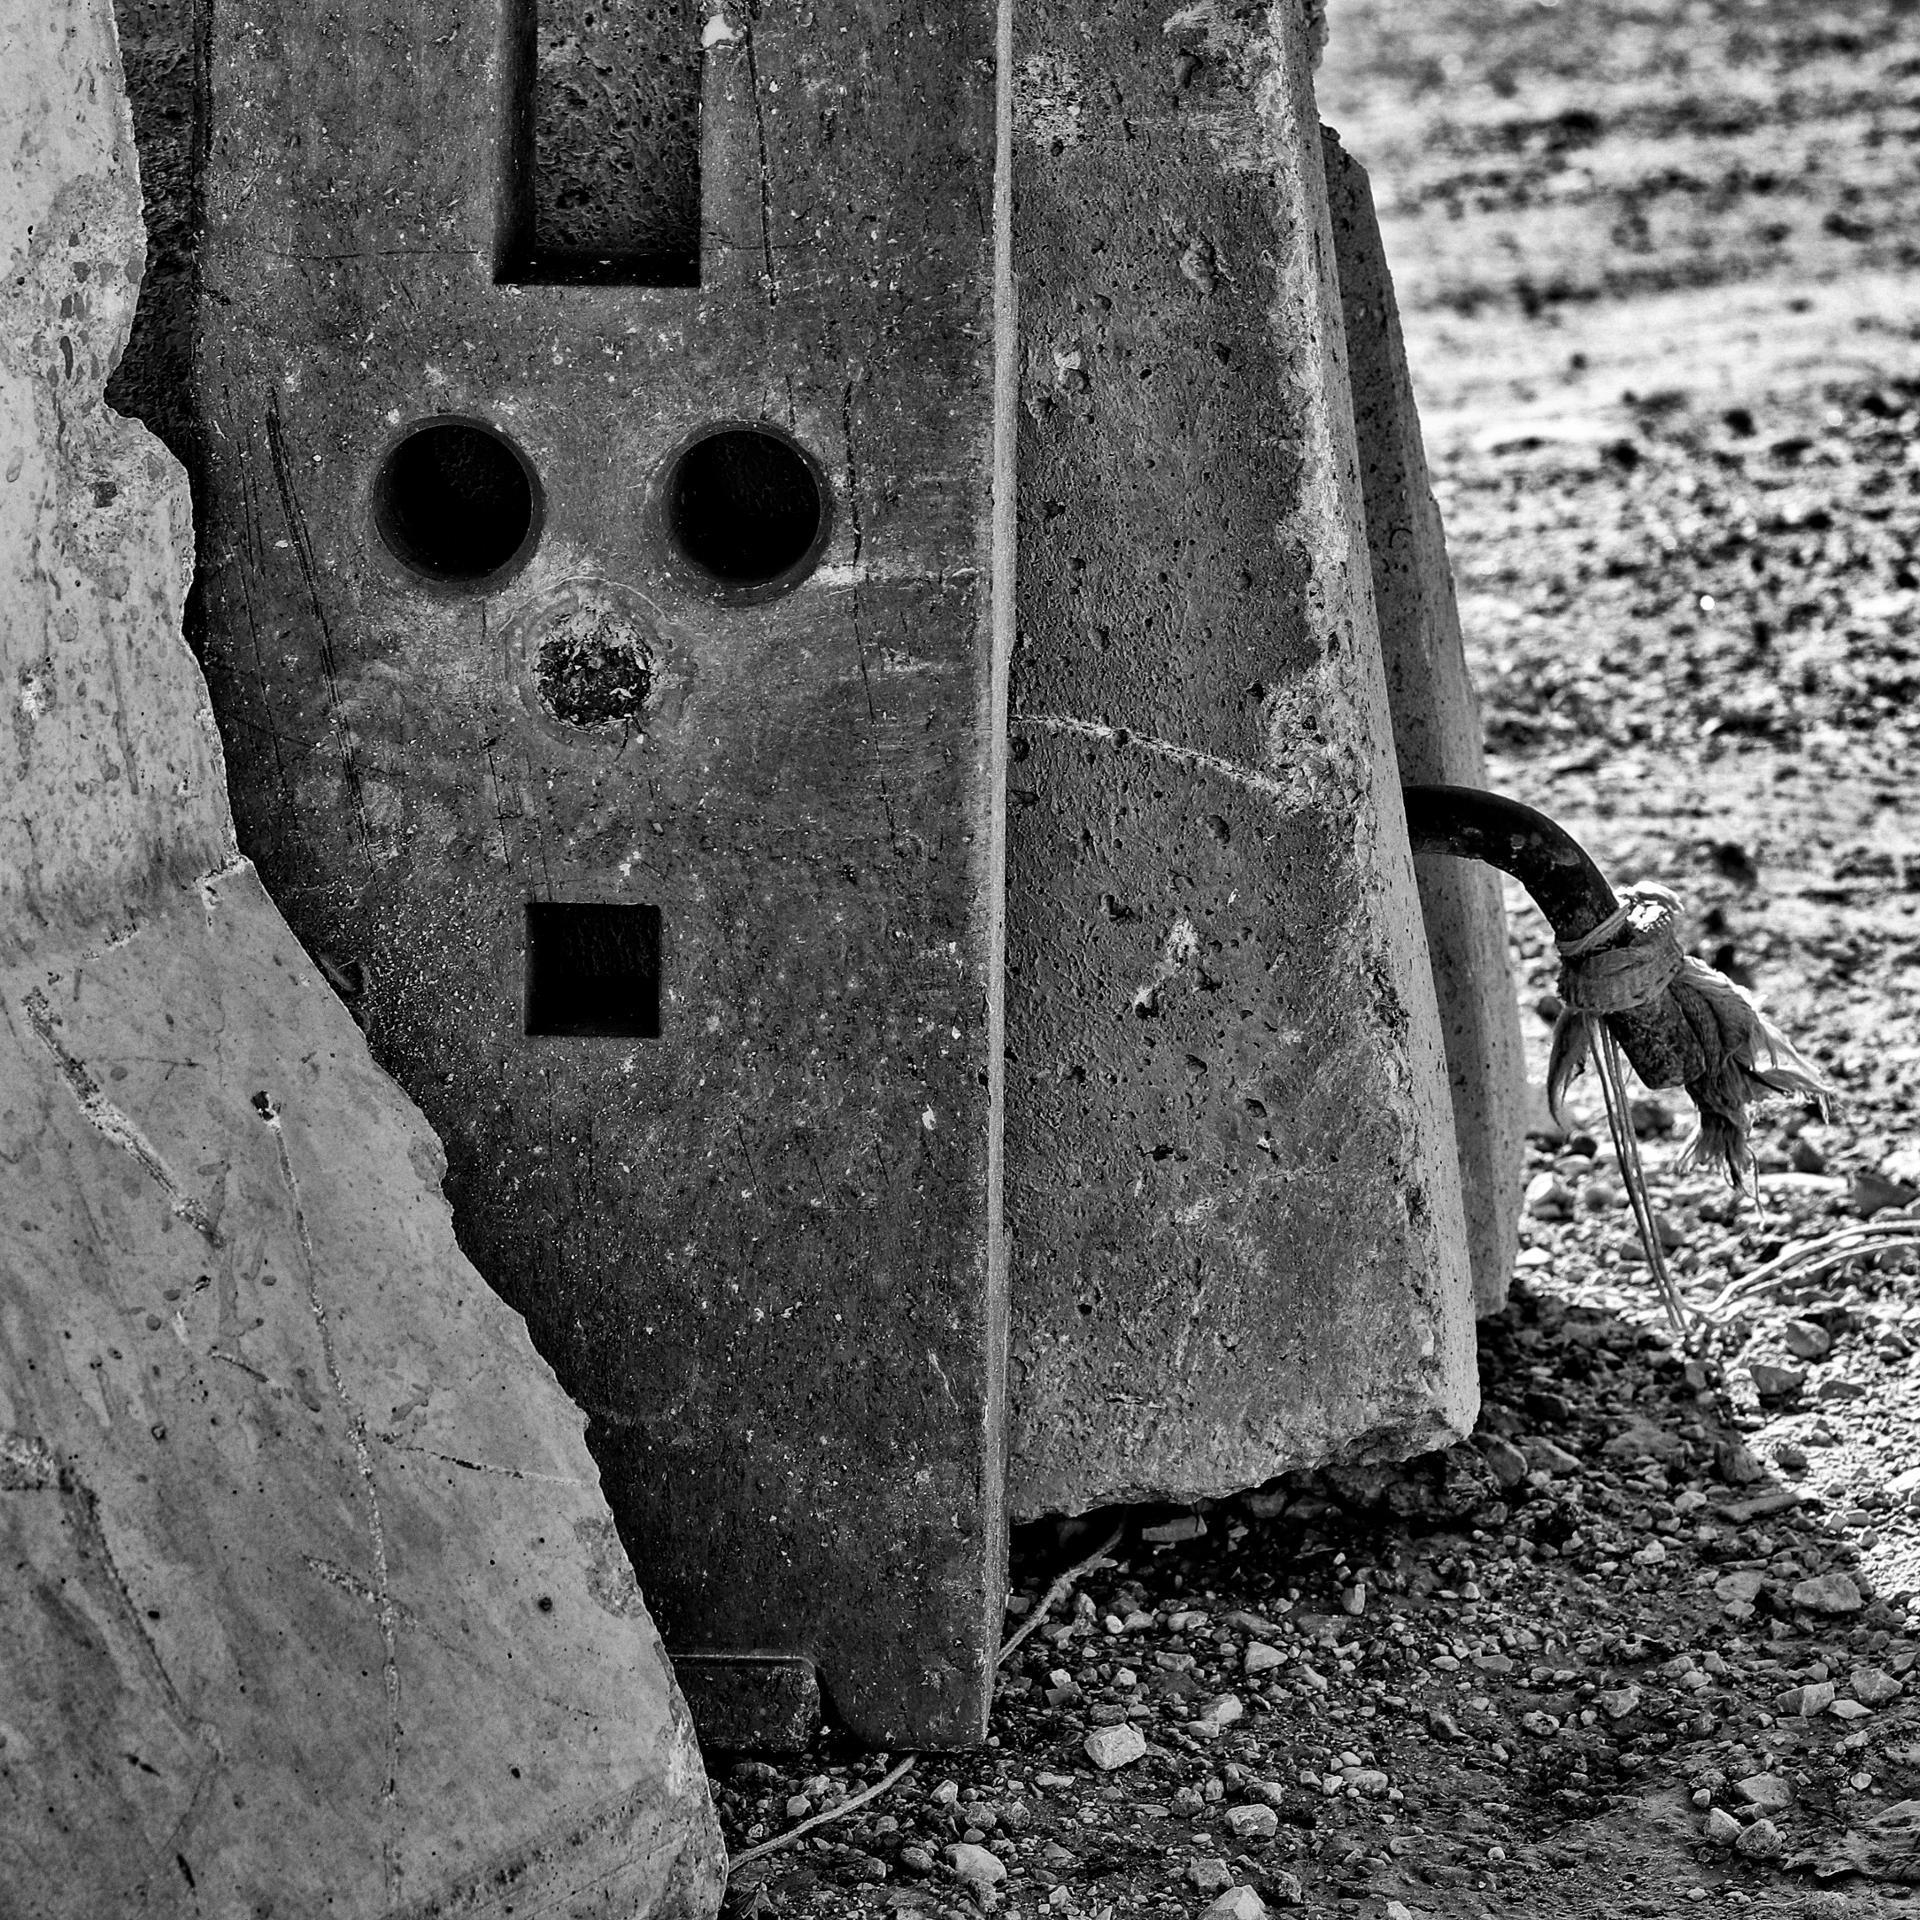 Le p'tit visage émanant du béton.